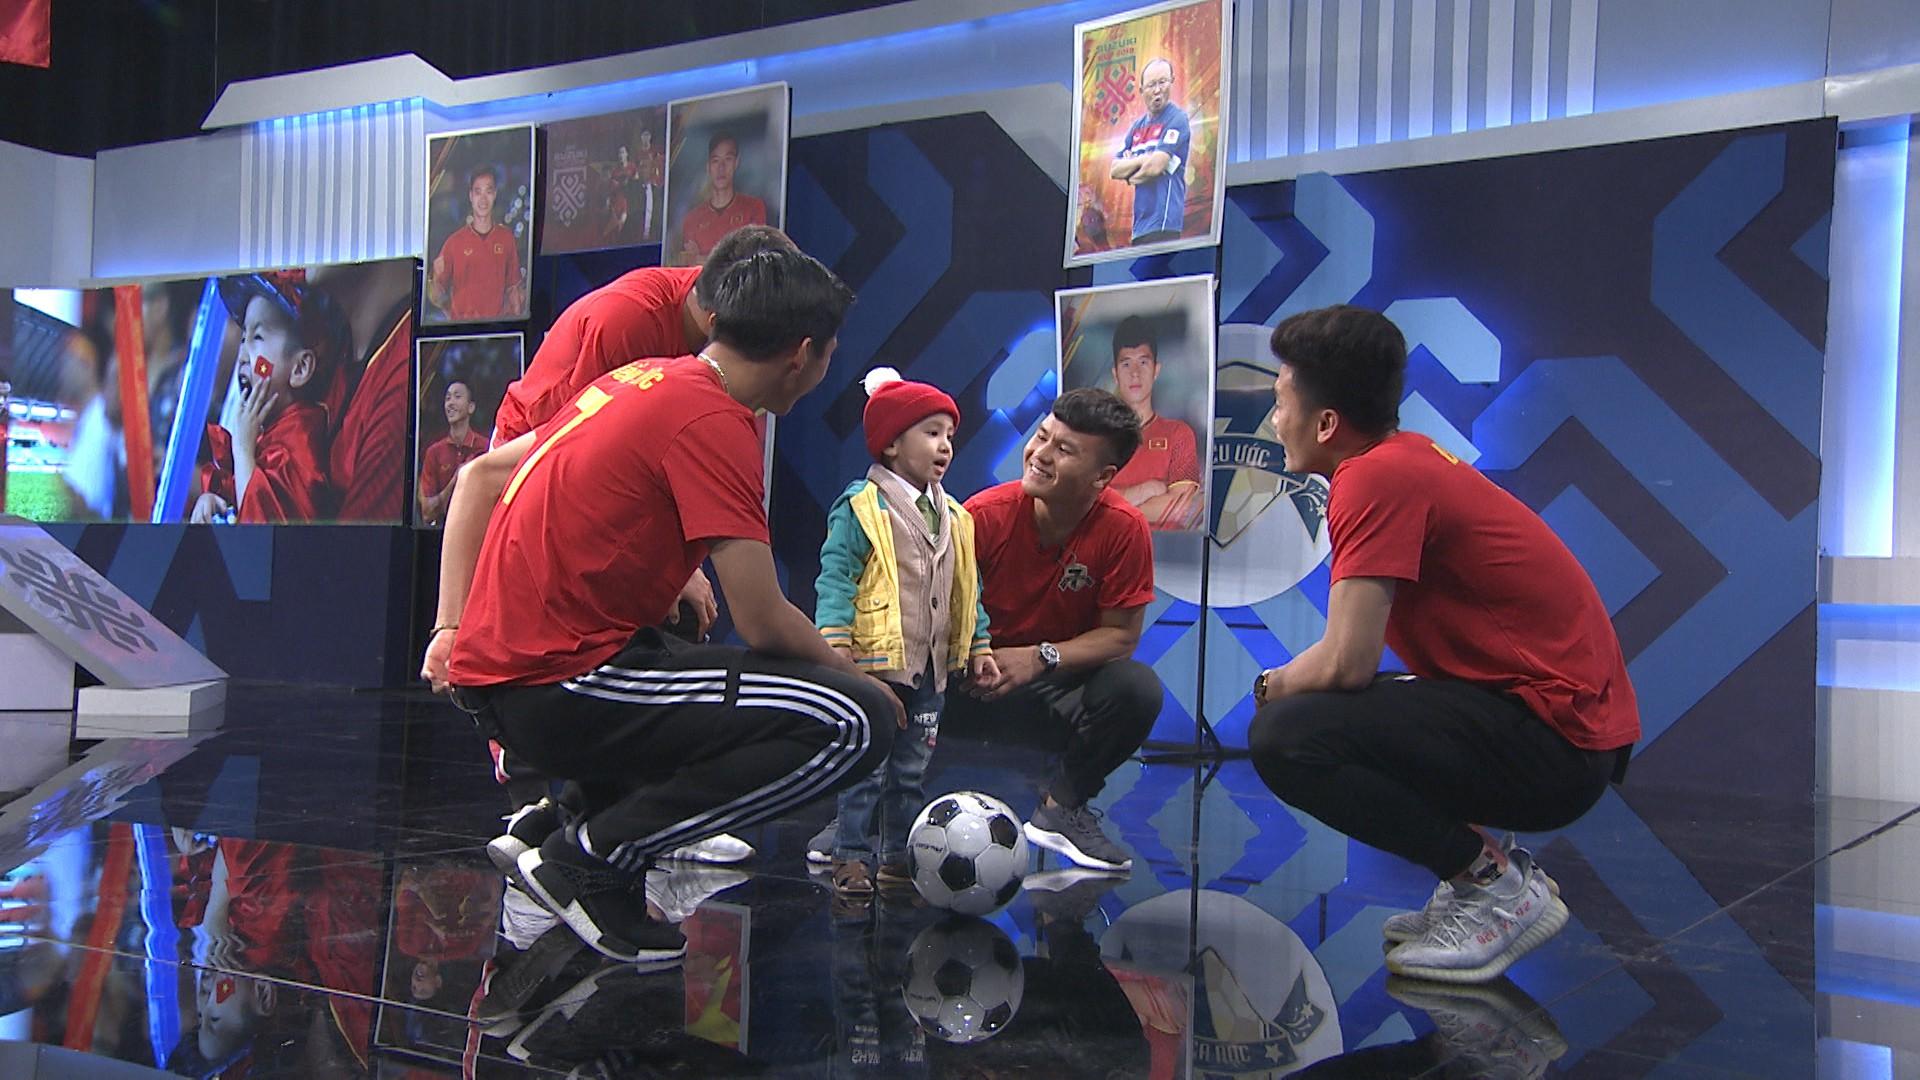 Quang Hải, Đức Chinh bật khóc trong cuộc gặp gỡ xúc động với cậu bé 4 tuổi bị ung thư não trước trận chung kết AFF Cup 2018 - Ảnh 9.